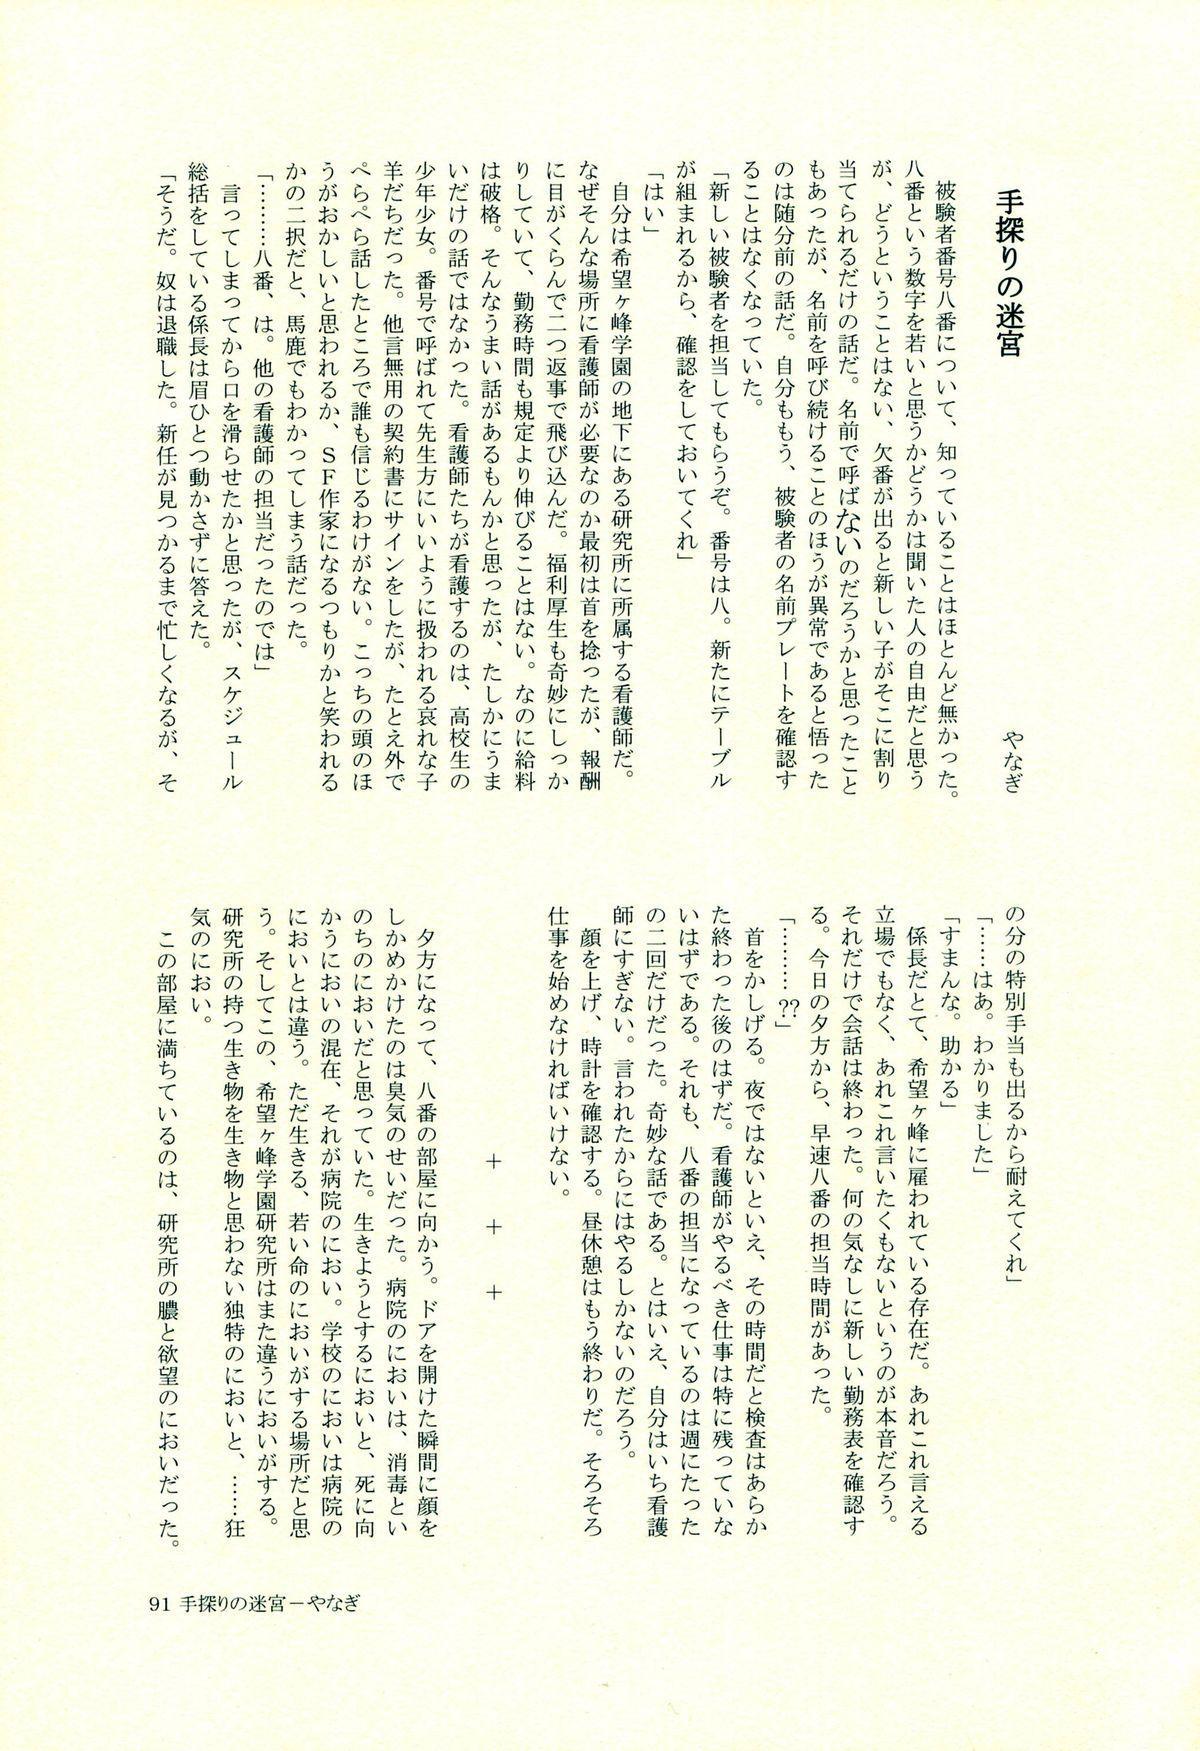 Hinata Hajime no Himitsu no Jikan 89